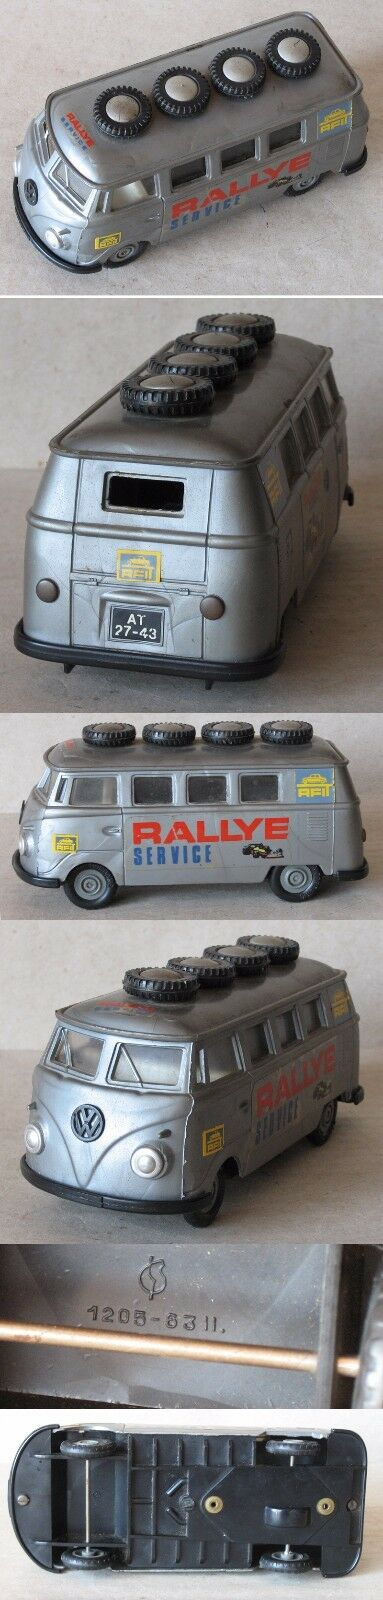 Juguete Antiguo Alemán marcado Microbús VW RALLEY servicio ca. 1960s 1960s 1960s 1b79b2